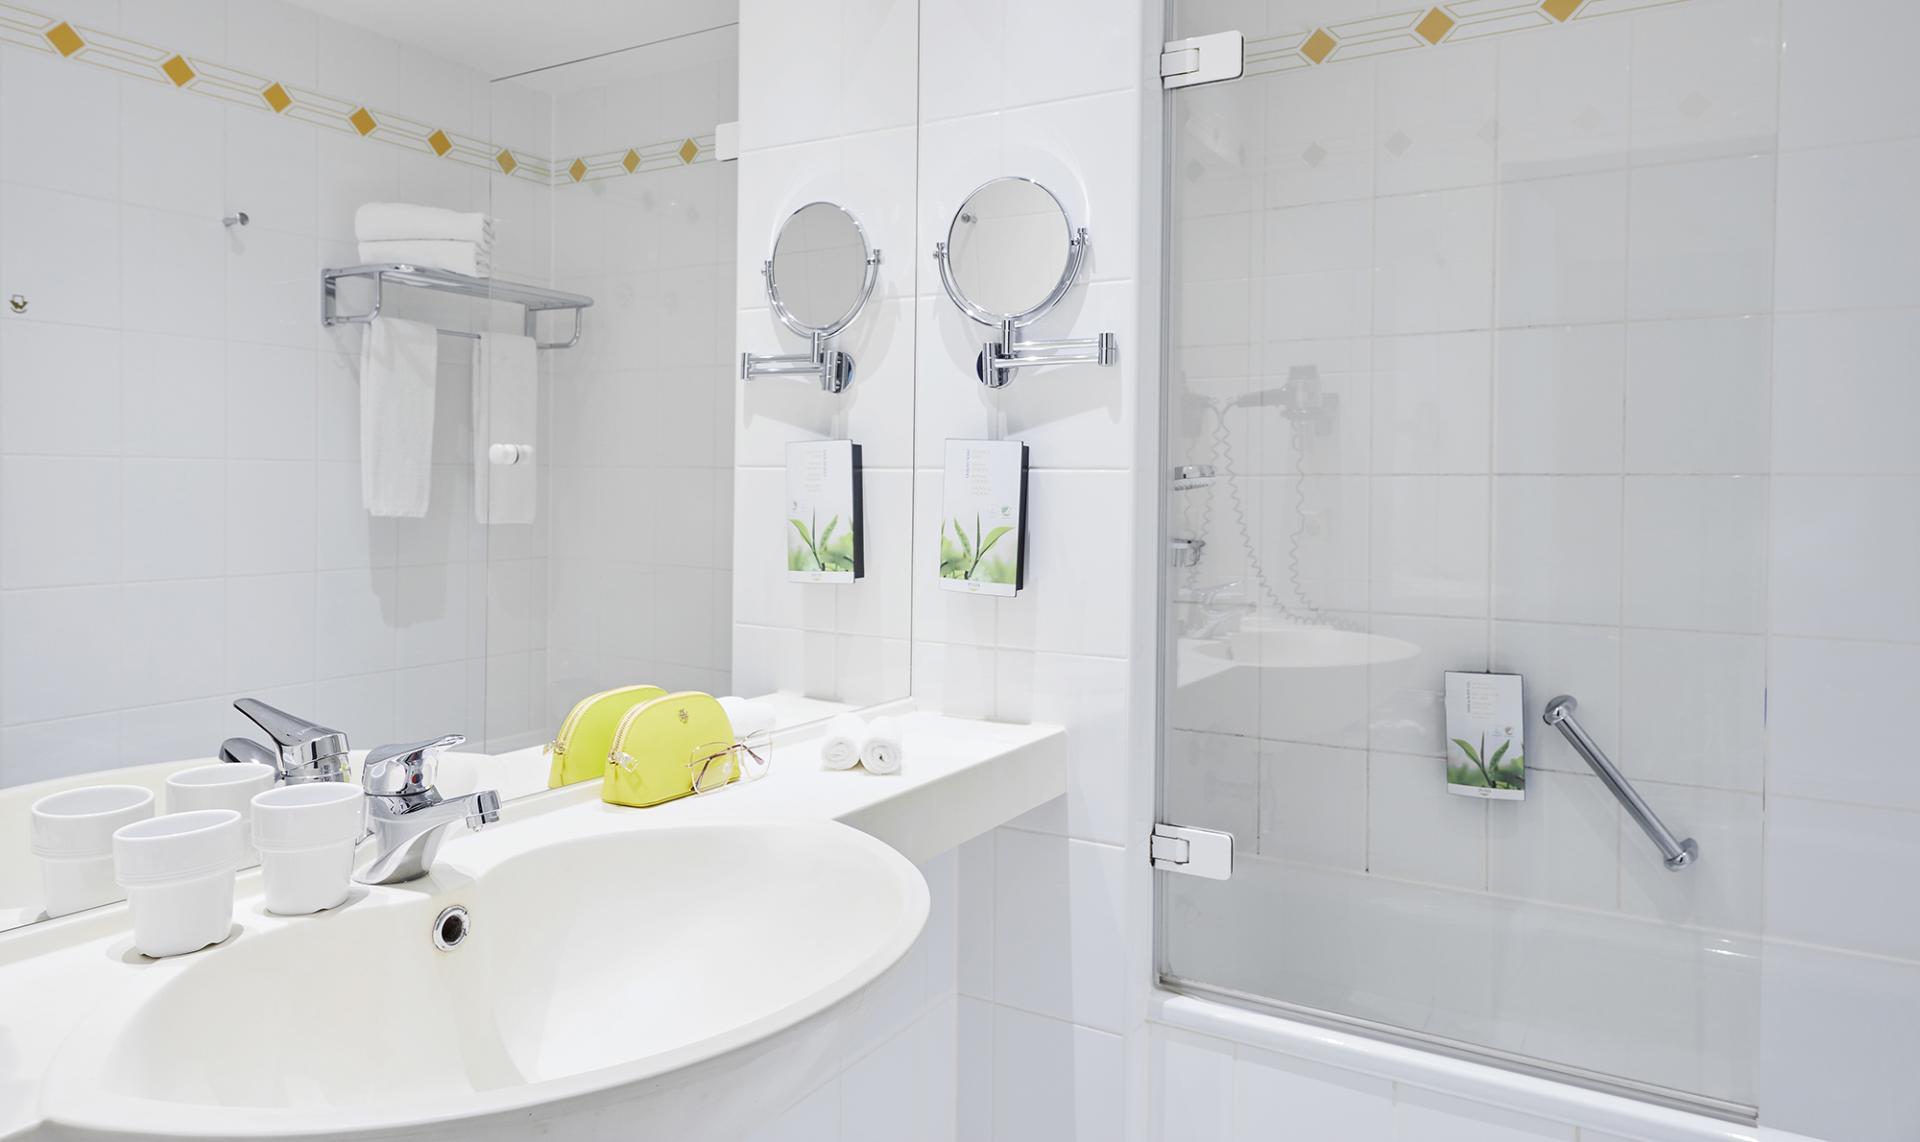 Bathroom at Living Hotel Weißensee Apartments, Weisensee, Berlin